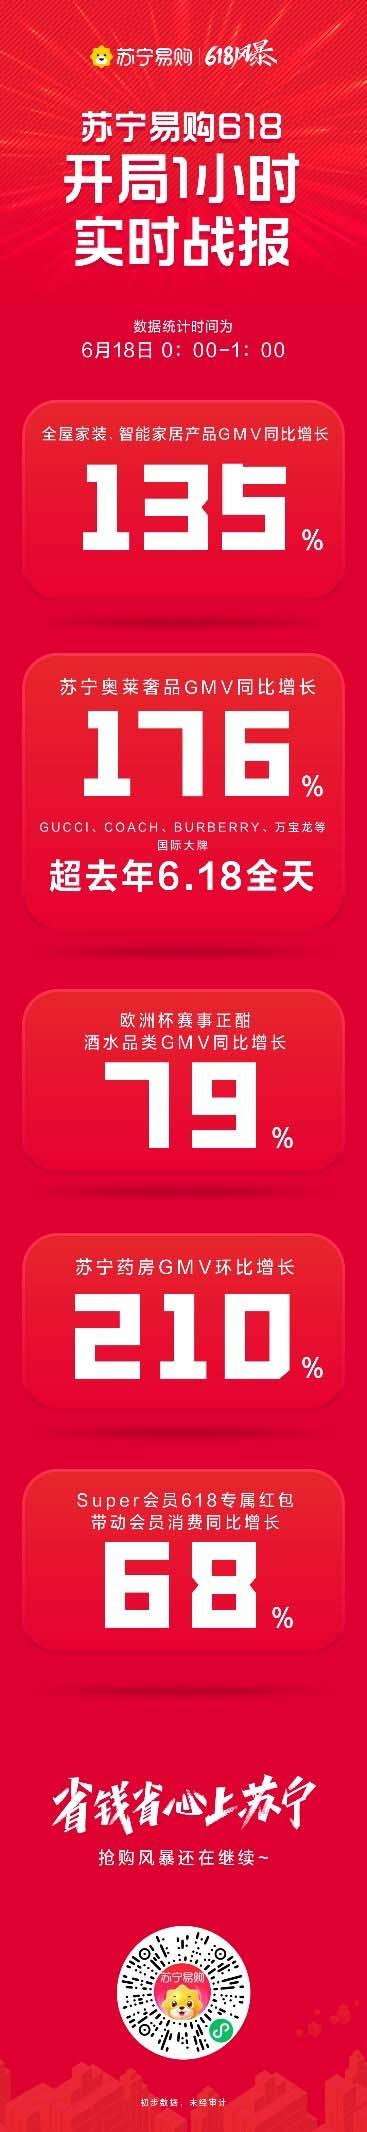 洲杯赛事正酣 苏宁618开局1小时酒水销售增长79%